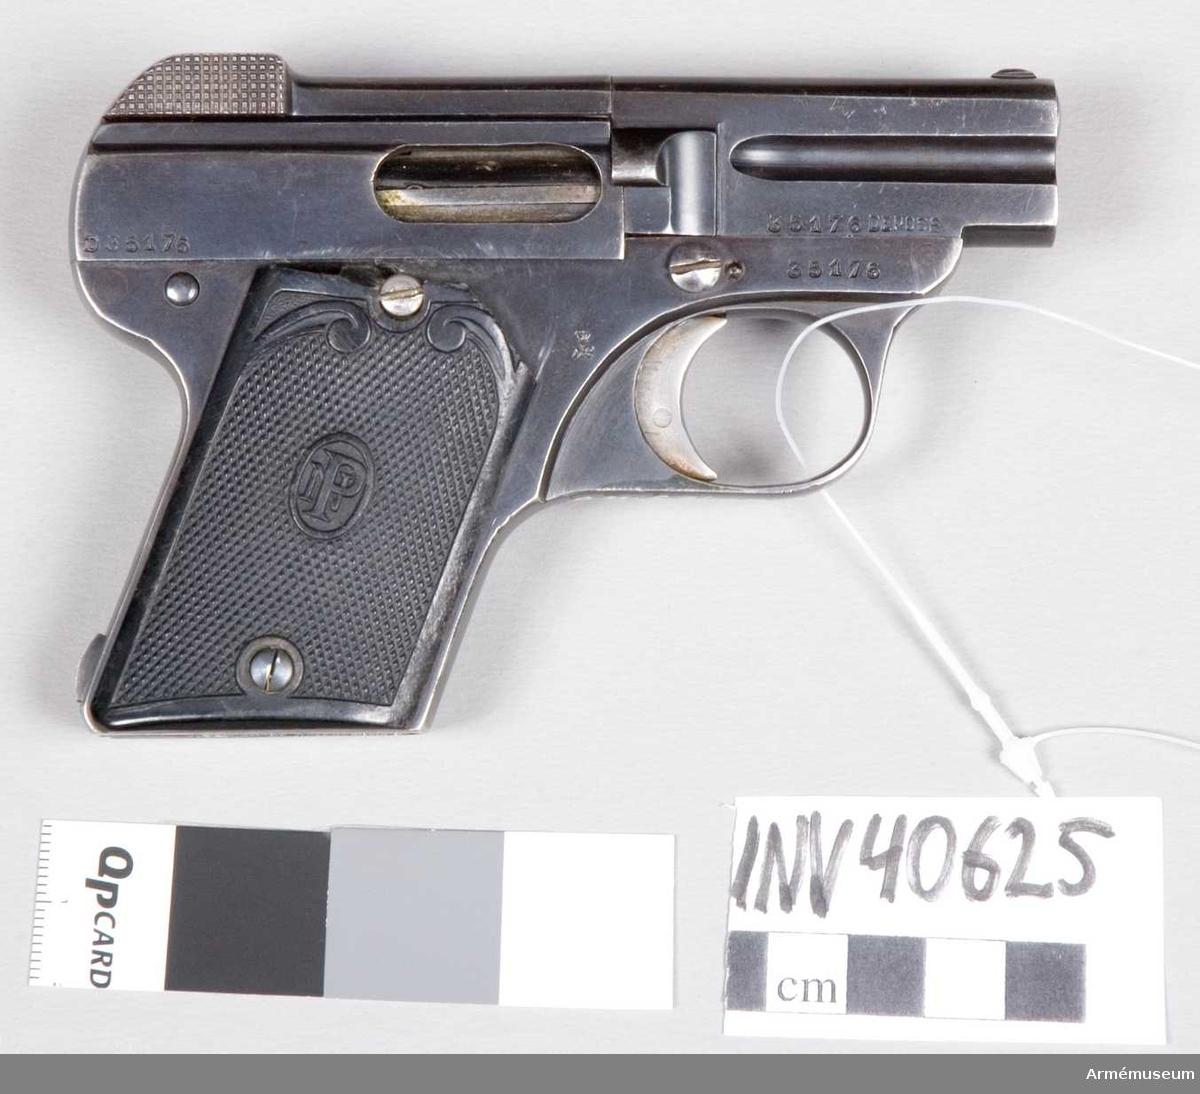 """Grupp E III. Pistolet auomatique. Tillv.nr 35176, övriga beteckningar Nr 40335, 16715/08. Pistolen är blånerad. Kolvskenorna är av svart ebonit med rutmönster. Dessa pryds med en vertikal oval medaljong med """"N.P."""" i monogram. Liegès stämpel """"ELG"""" finns på manteln."""